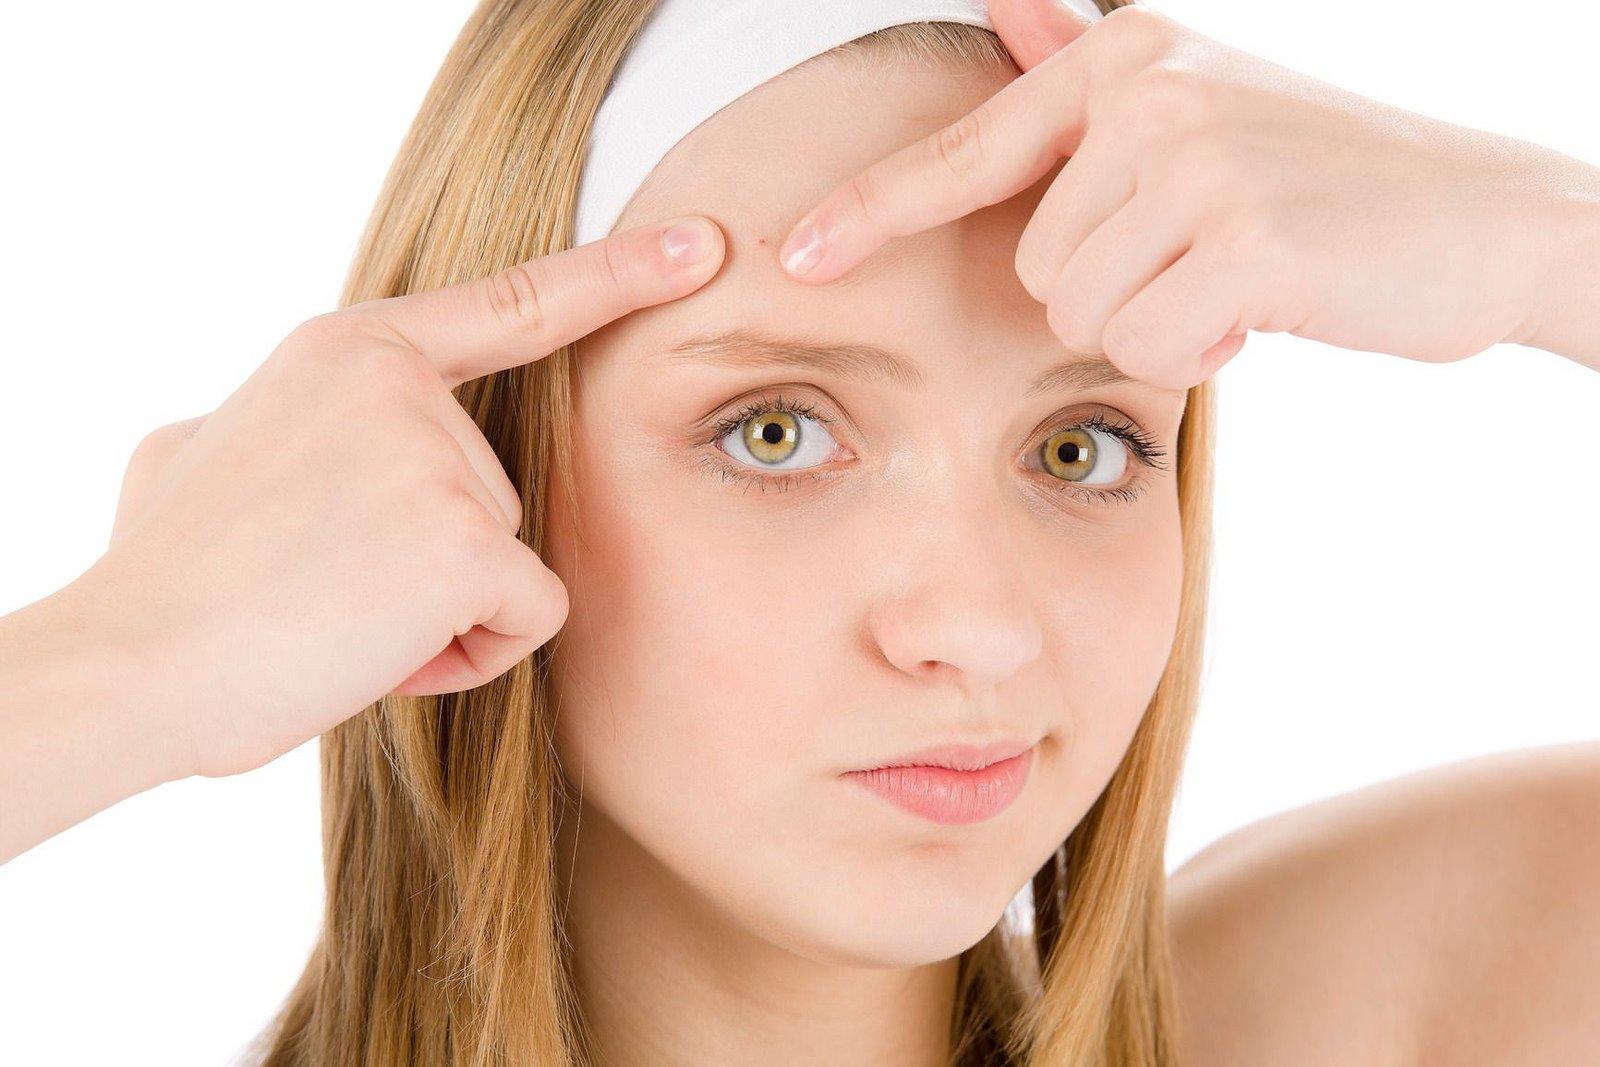 Во сколько лет проходят подростковые прыщи: на лице или спине